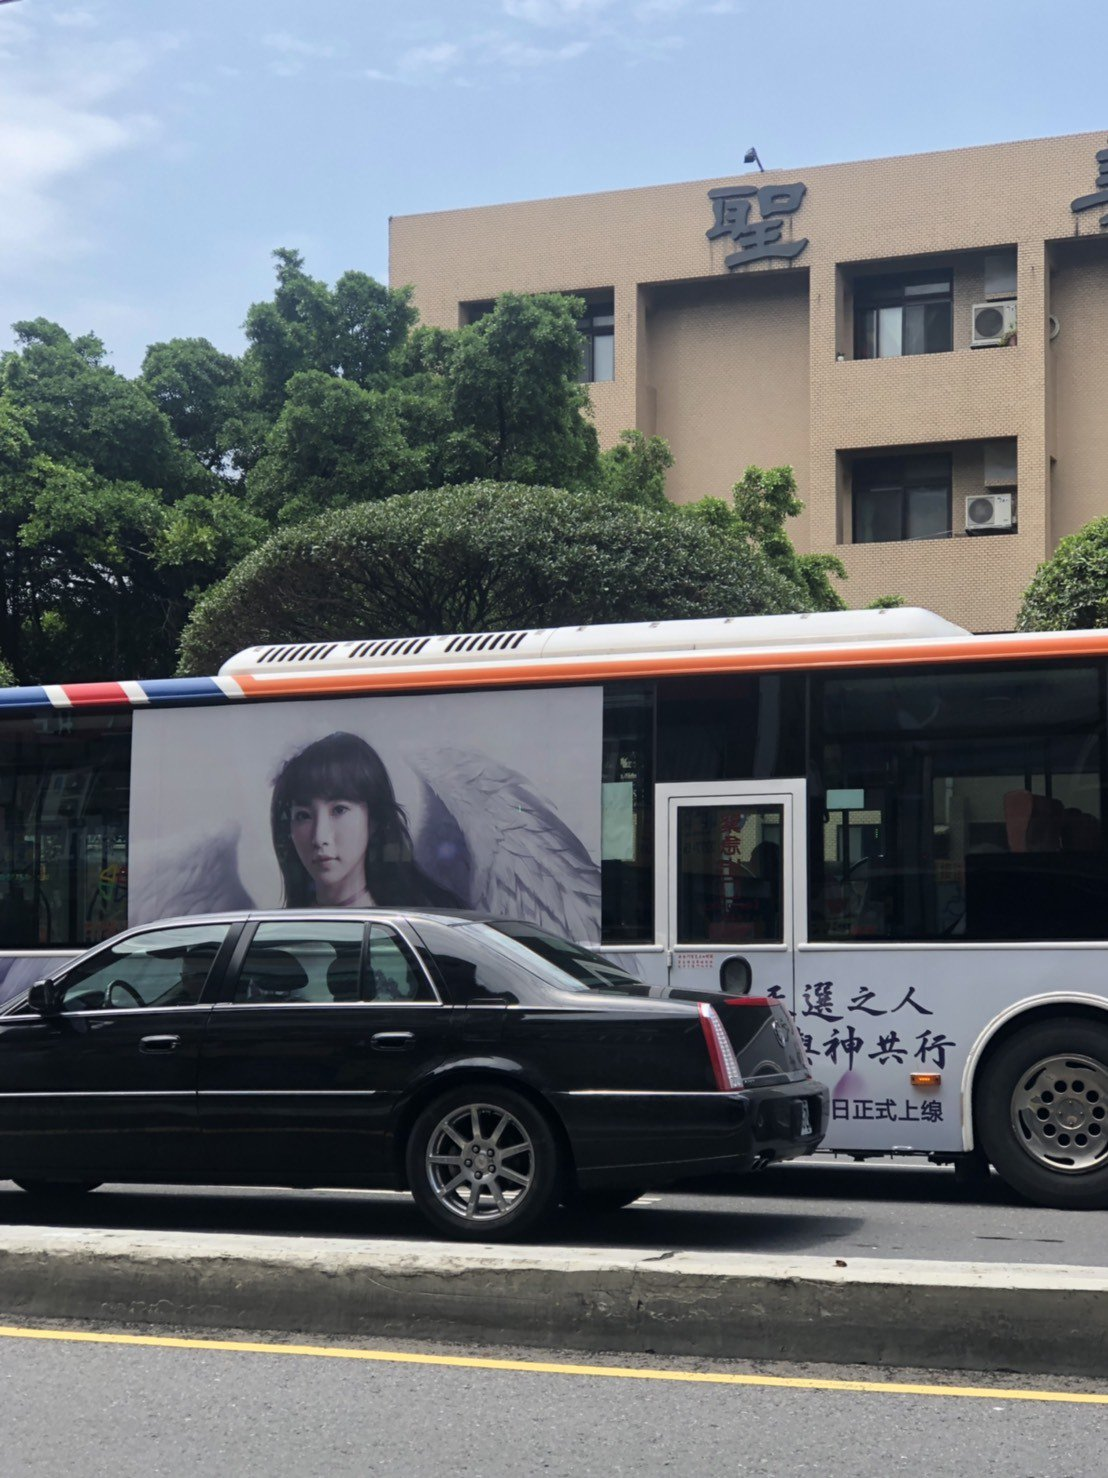 蔡淑君說,手遊公司在公車上放代言人的廣告,卻被民眾誤認為是她去代言。圖/蔡淑君提...